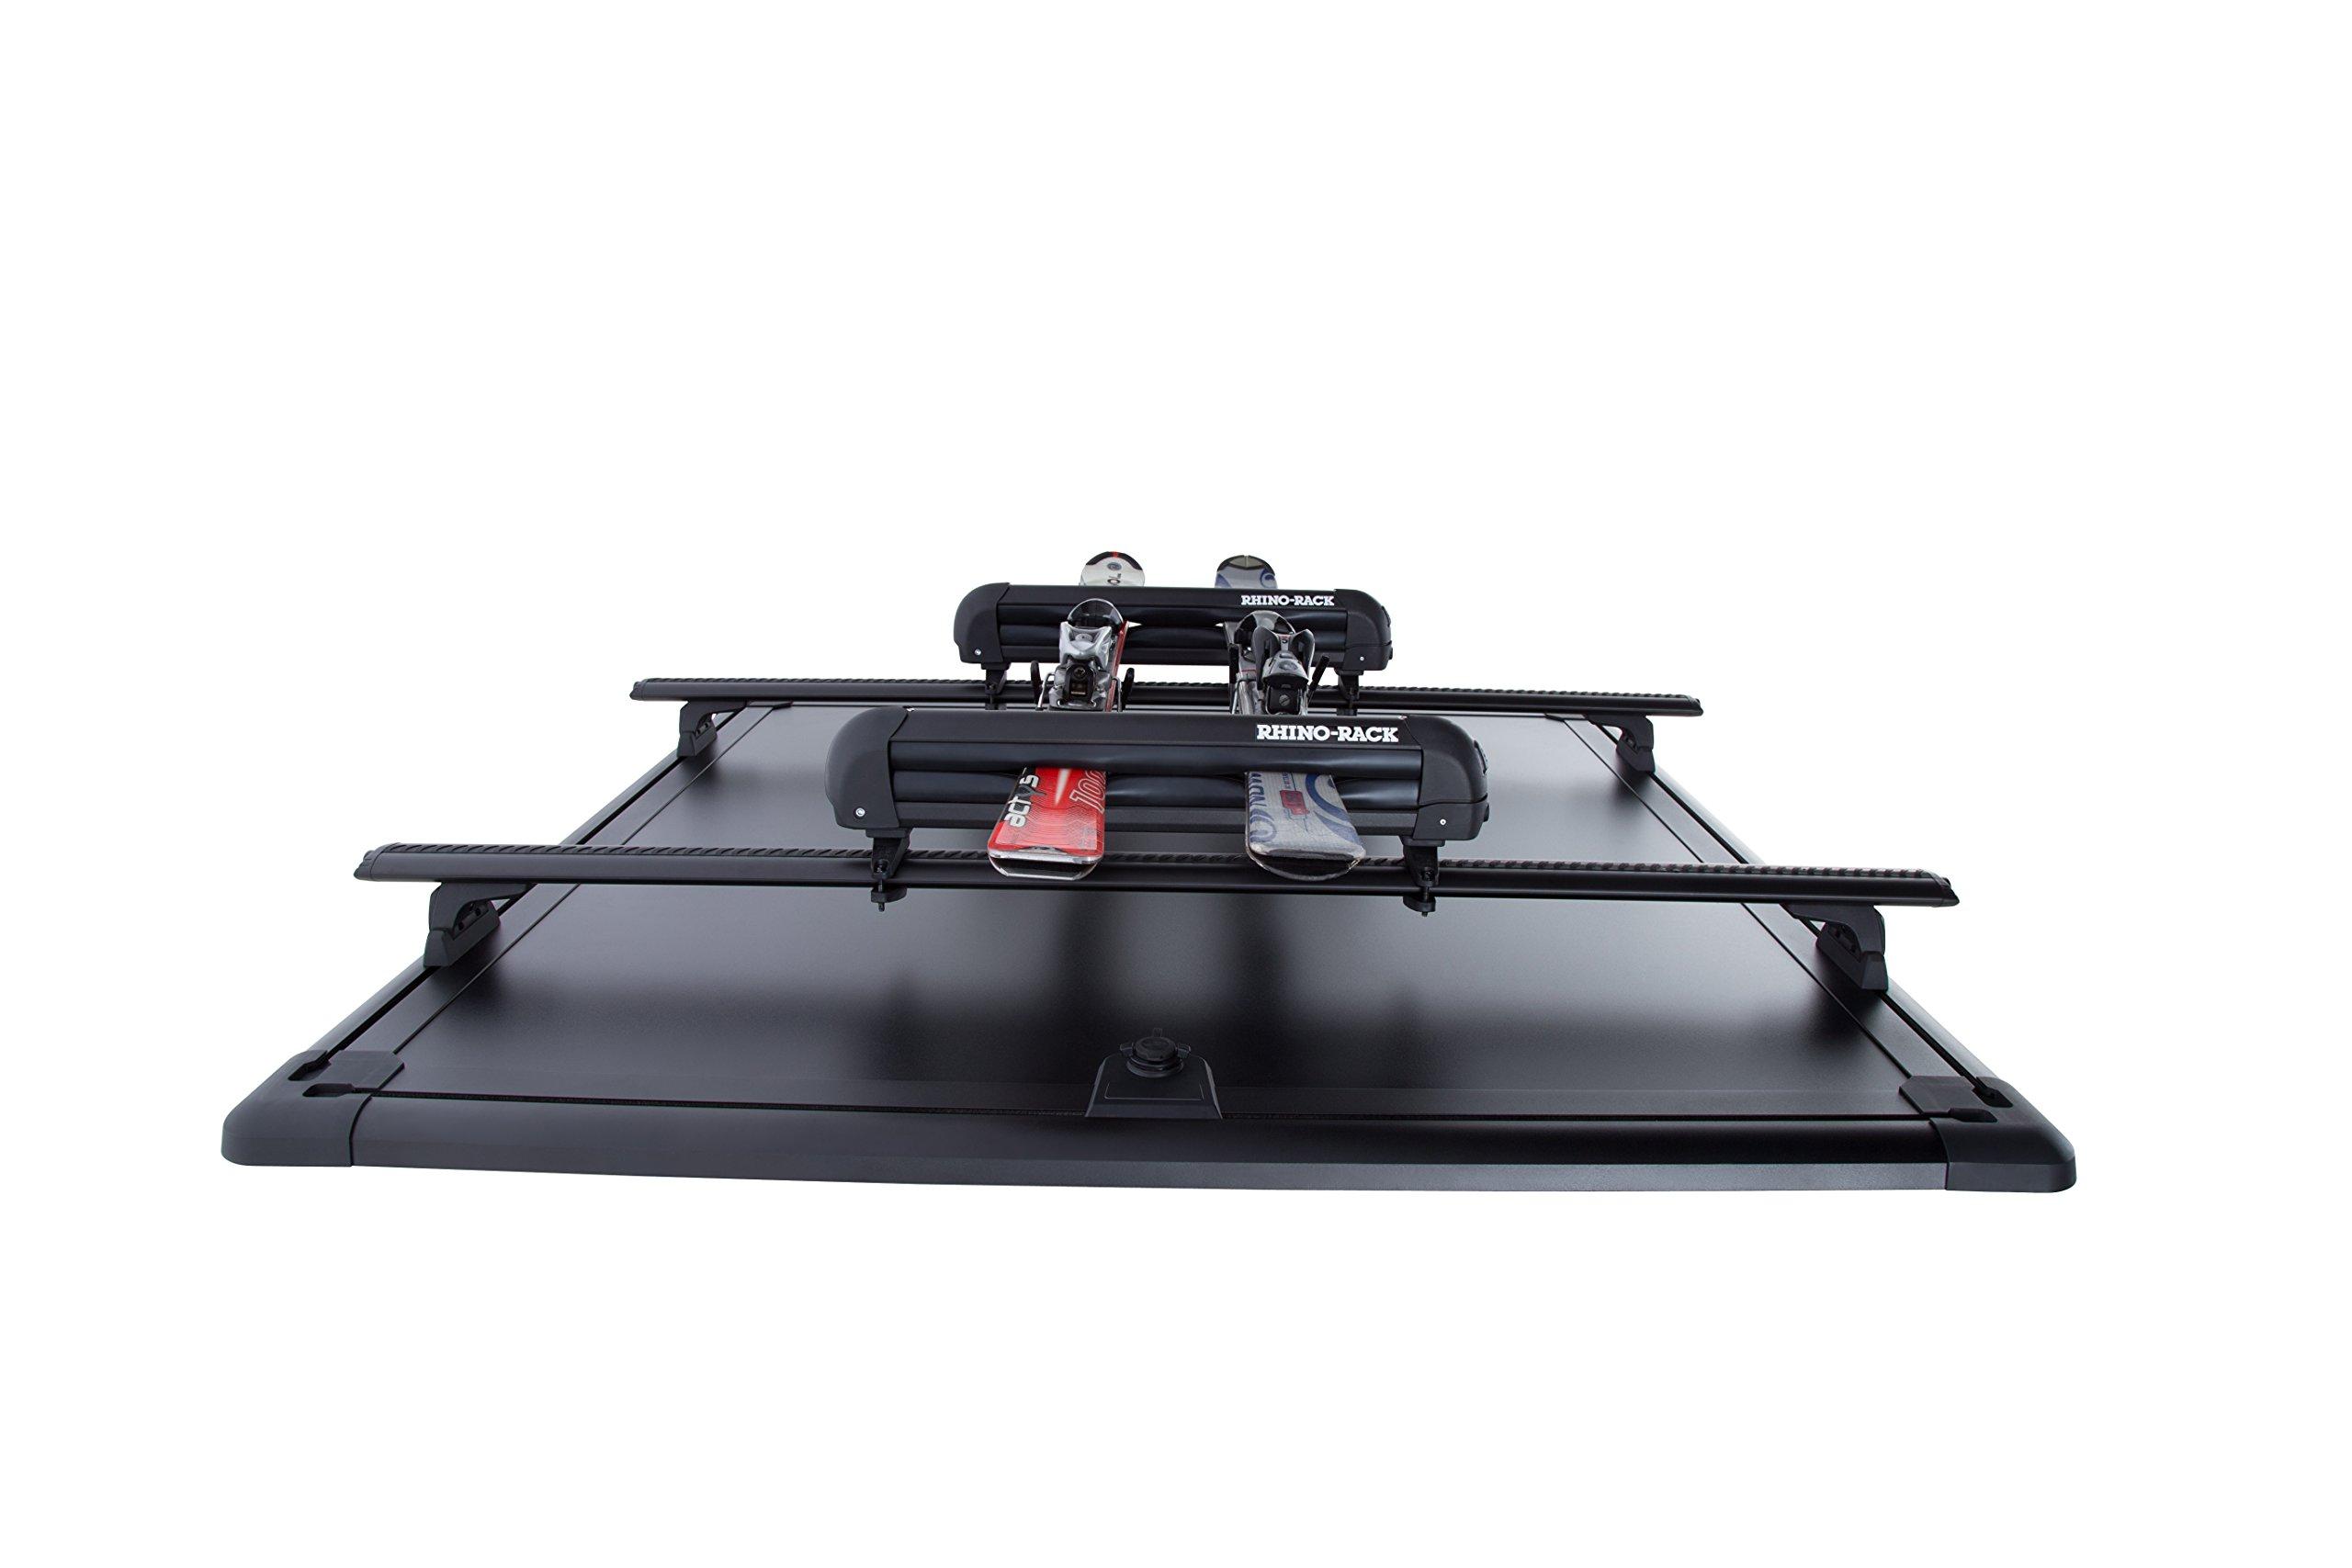 UnderCover RidgeLander Accessories Ski/Snowboard Carrier (4 Skis) | 100223 | fits Ridgelander Accessories Ski/Snoboard Carrier (4 Skis)